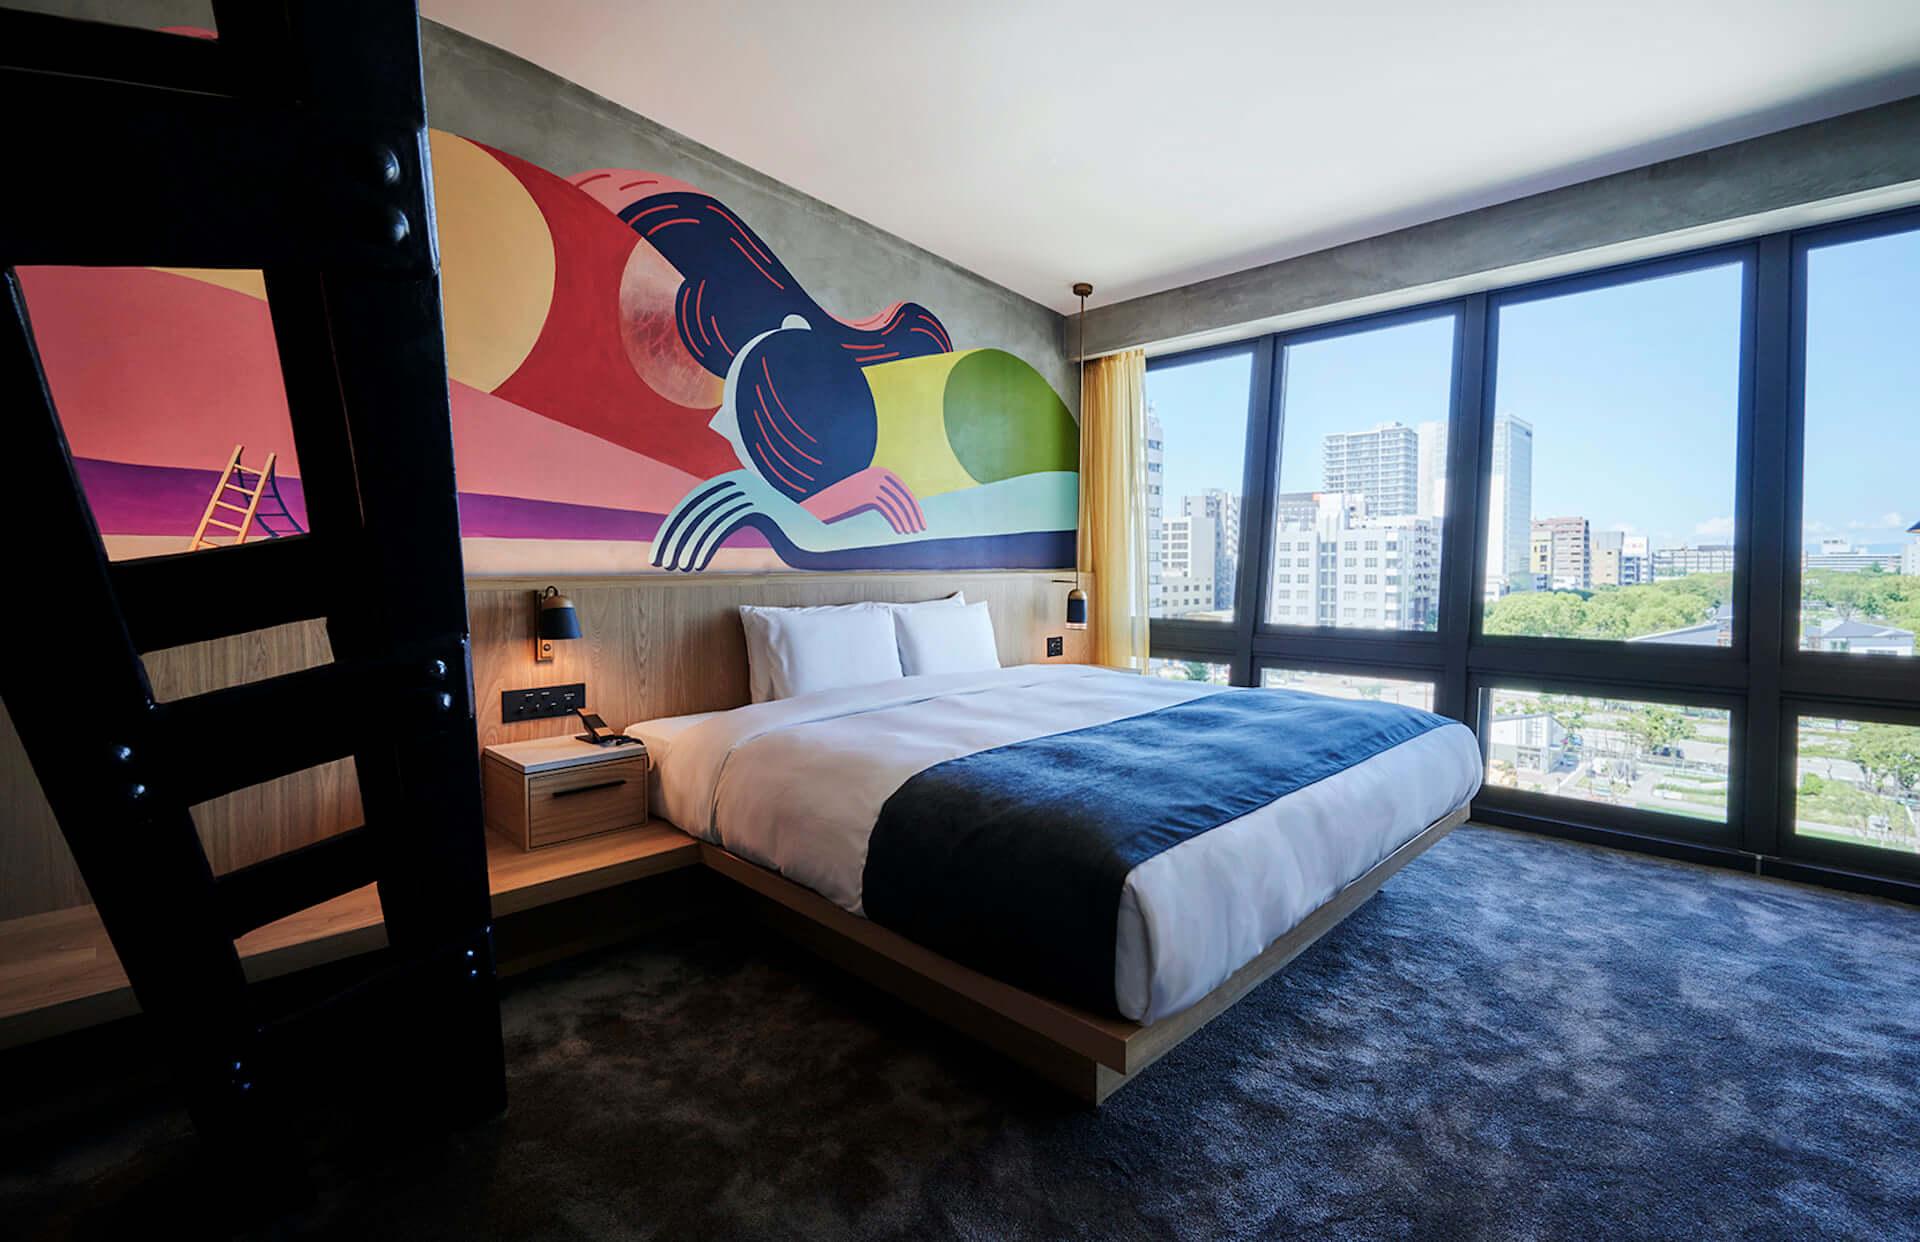 アートと共に豪華和食やフレンチの重箱を堪能しよう!ホテル「THE TOWER HOTEL NAGOYA」に期間限定の一泊二食プランが登場 lf210120_thetowerhotel_2-1920x1242